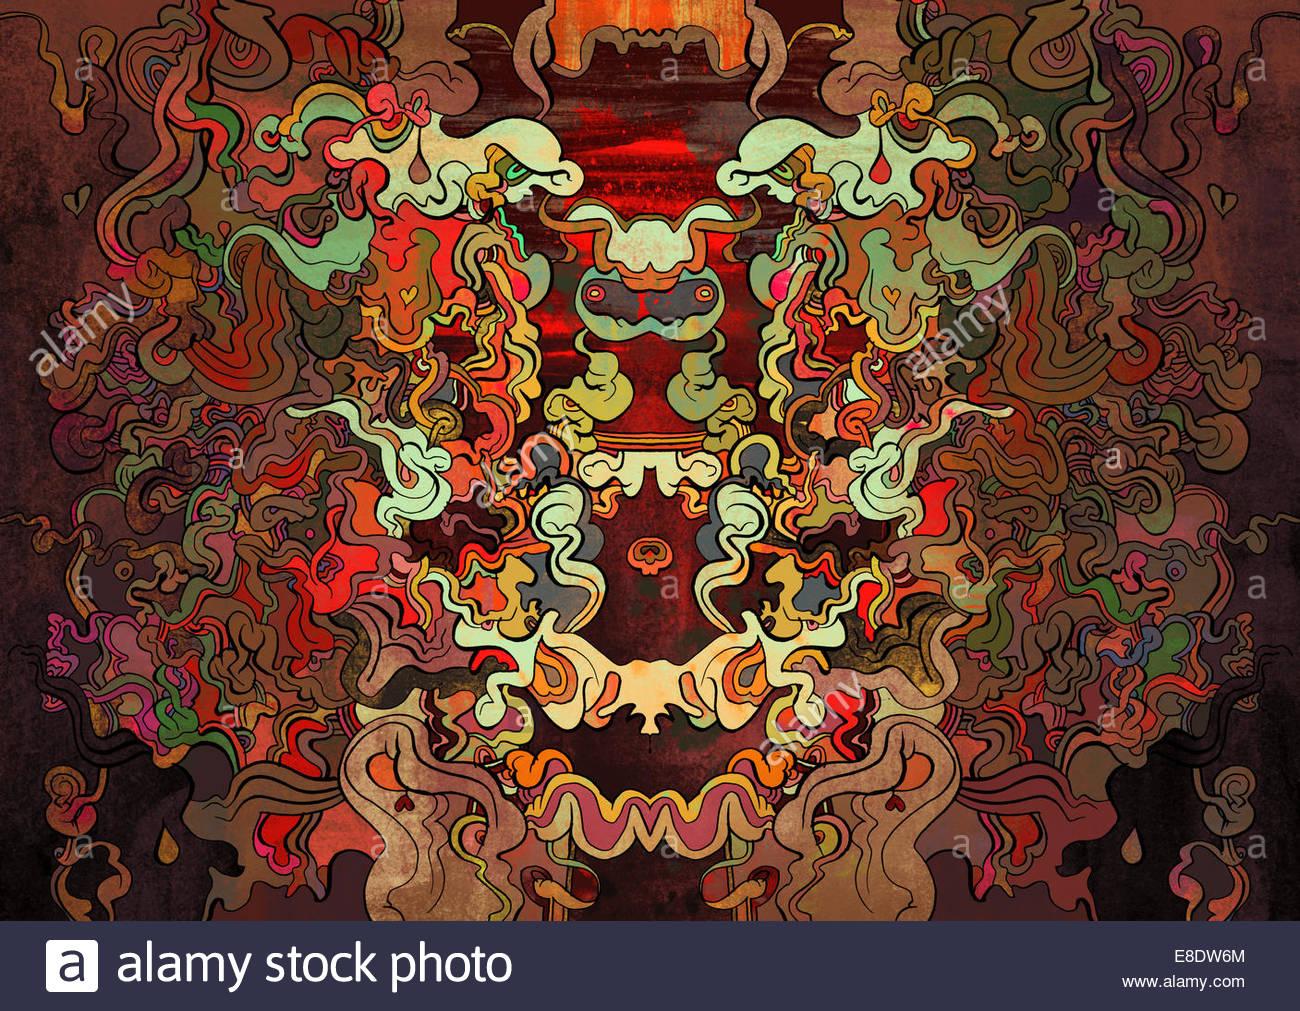 Résumé rouge motif heave symétrique emmêlées Photo Stock